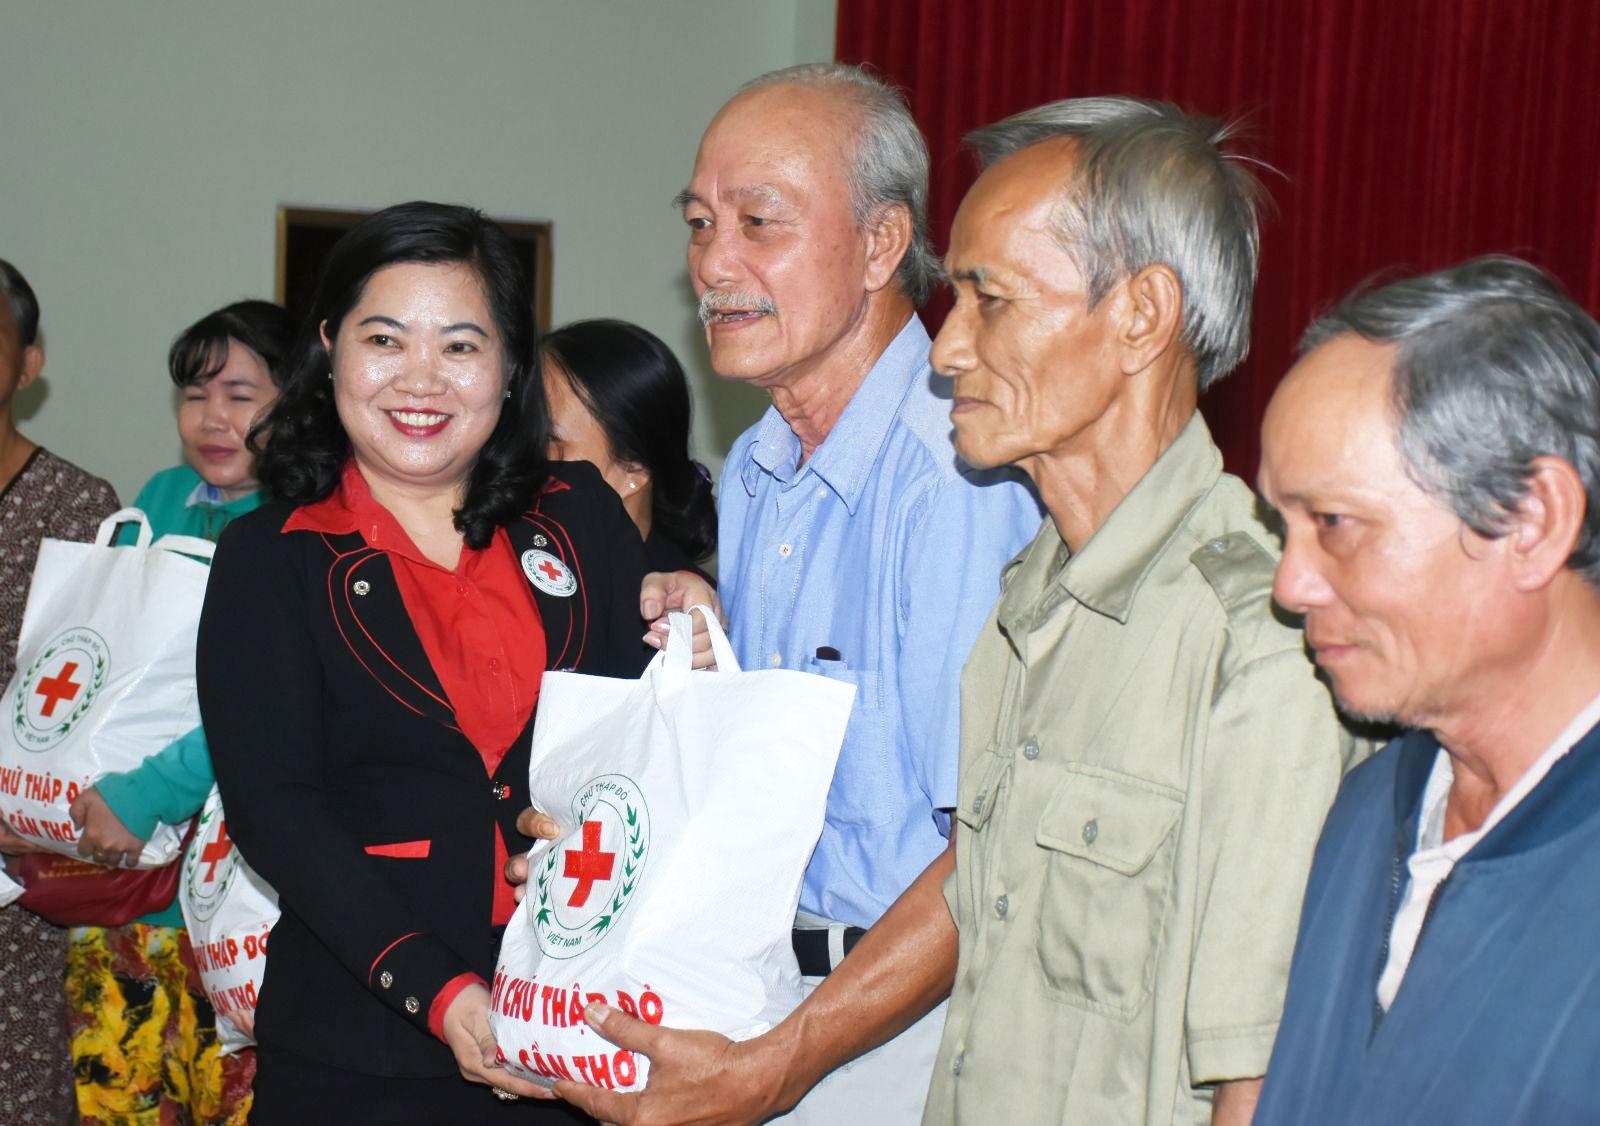 Bà Huỳnh Thanh Thảo, Chủ tịch Hội CTĐ TP Cần Thơ tặng quà Tết cho hộ nghèo, gia đình chính sách trên địa bàn thành phố. Ảnh: XUÂN ĐÀO